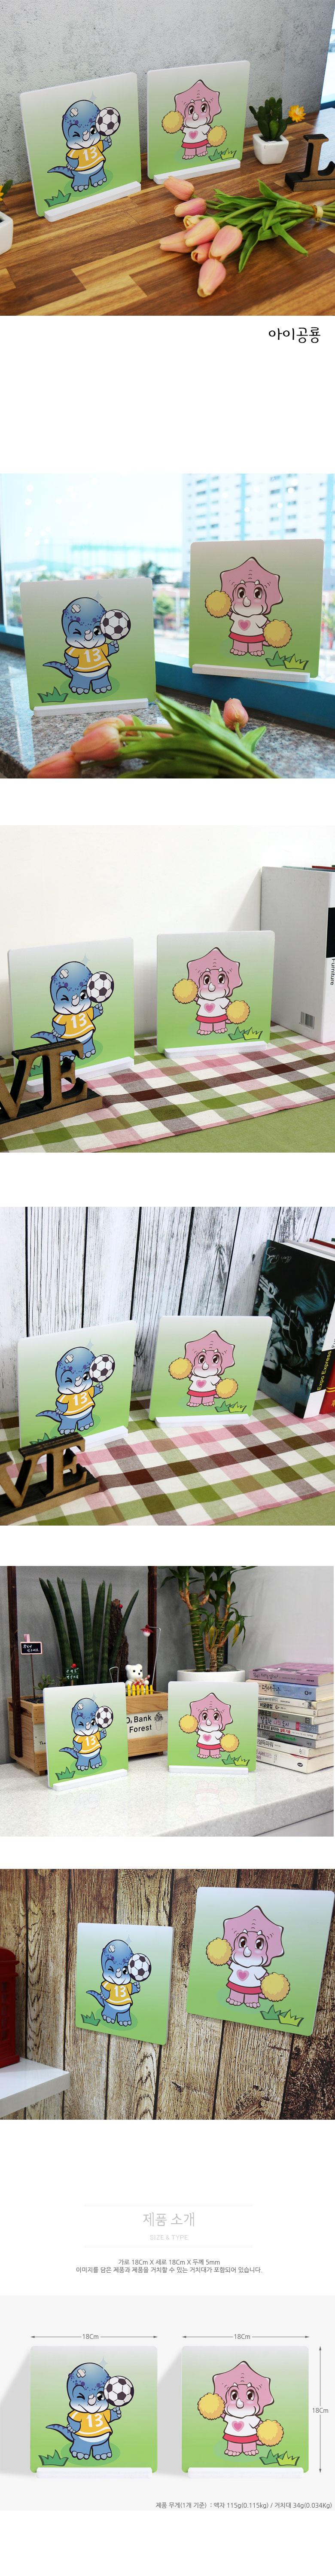 스탠드액자2P_아이공룡 - 꾸밈, 12,800원, 홈갤러리, 사진아트